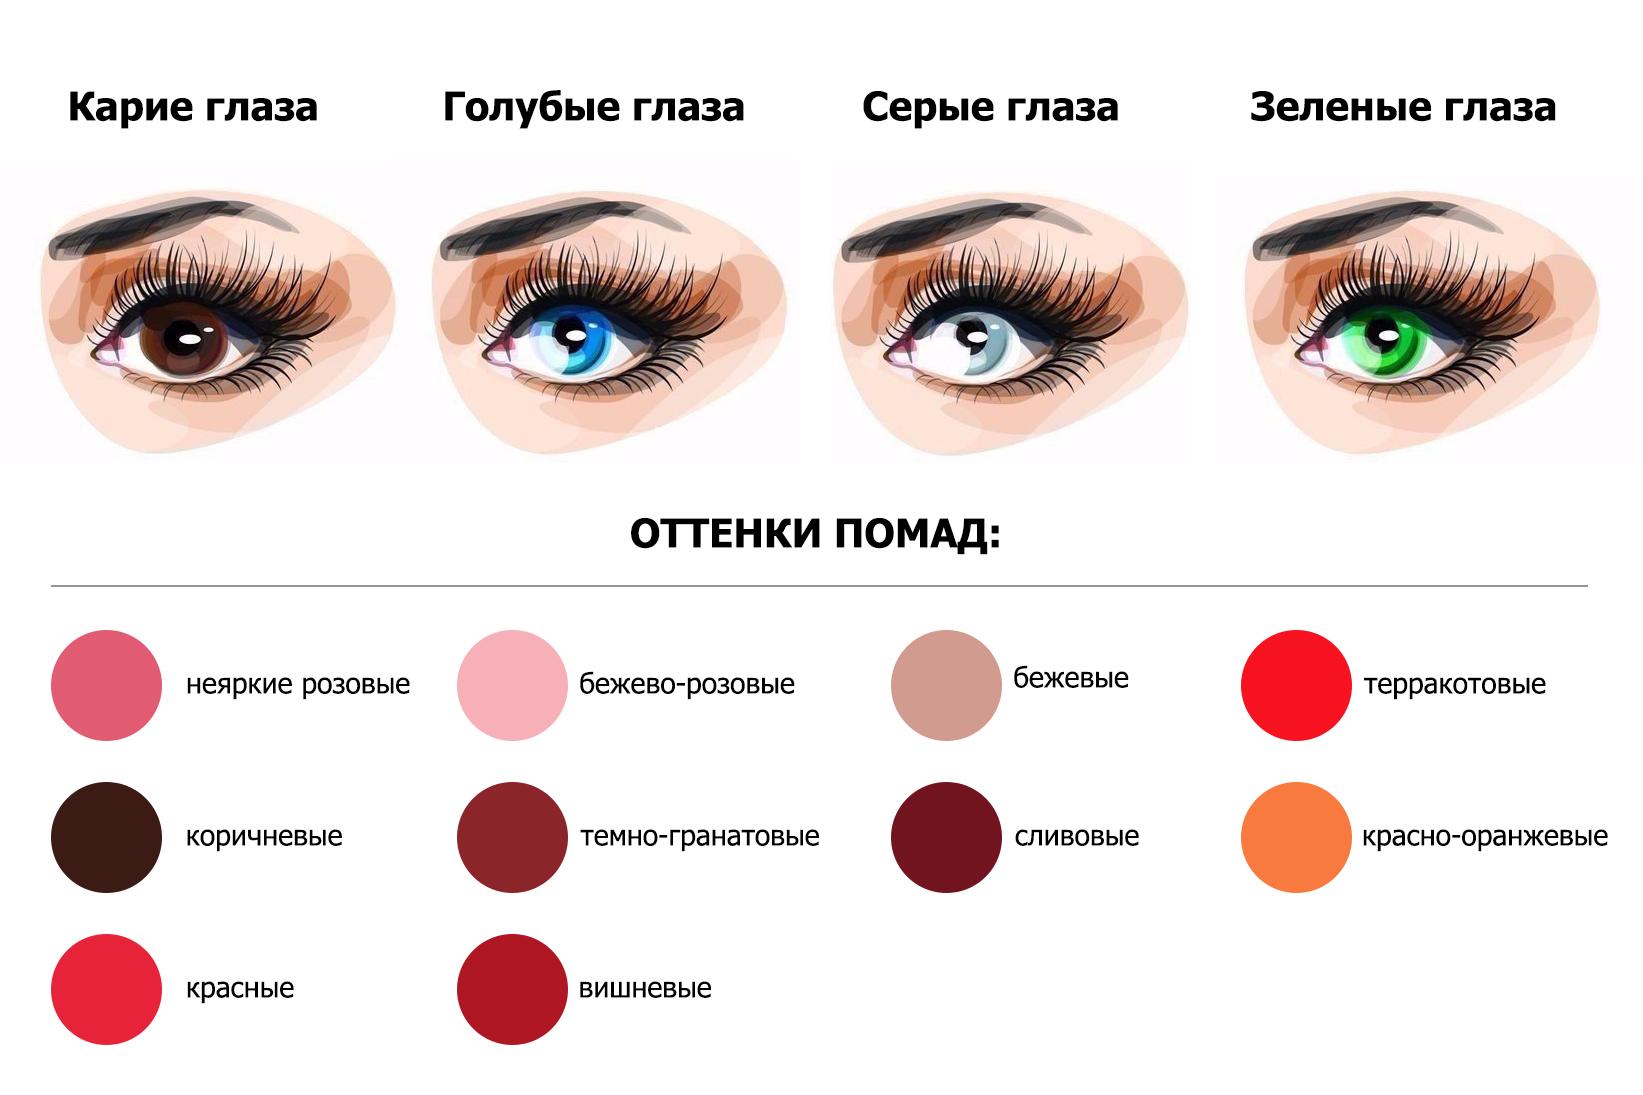 Обладательницам голубых глаз подойдут как сочные темно-красные цвета, так и цвет земляники. Кареглаз